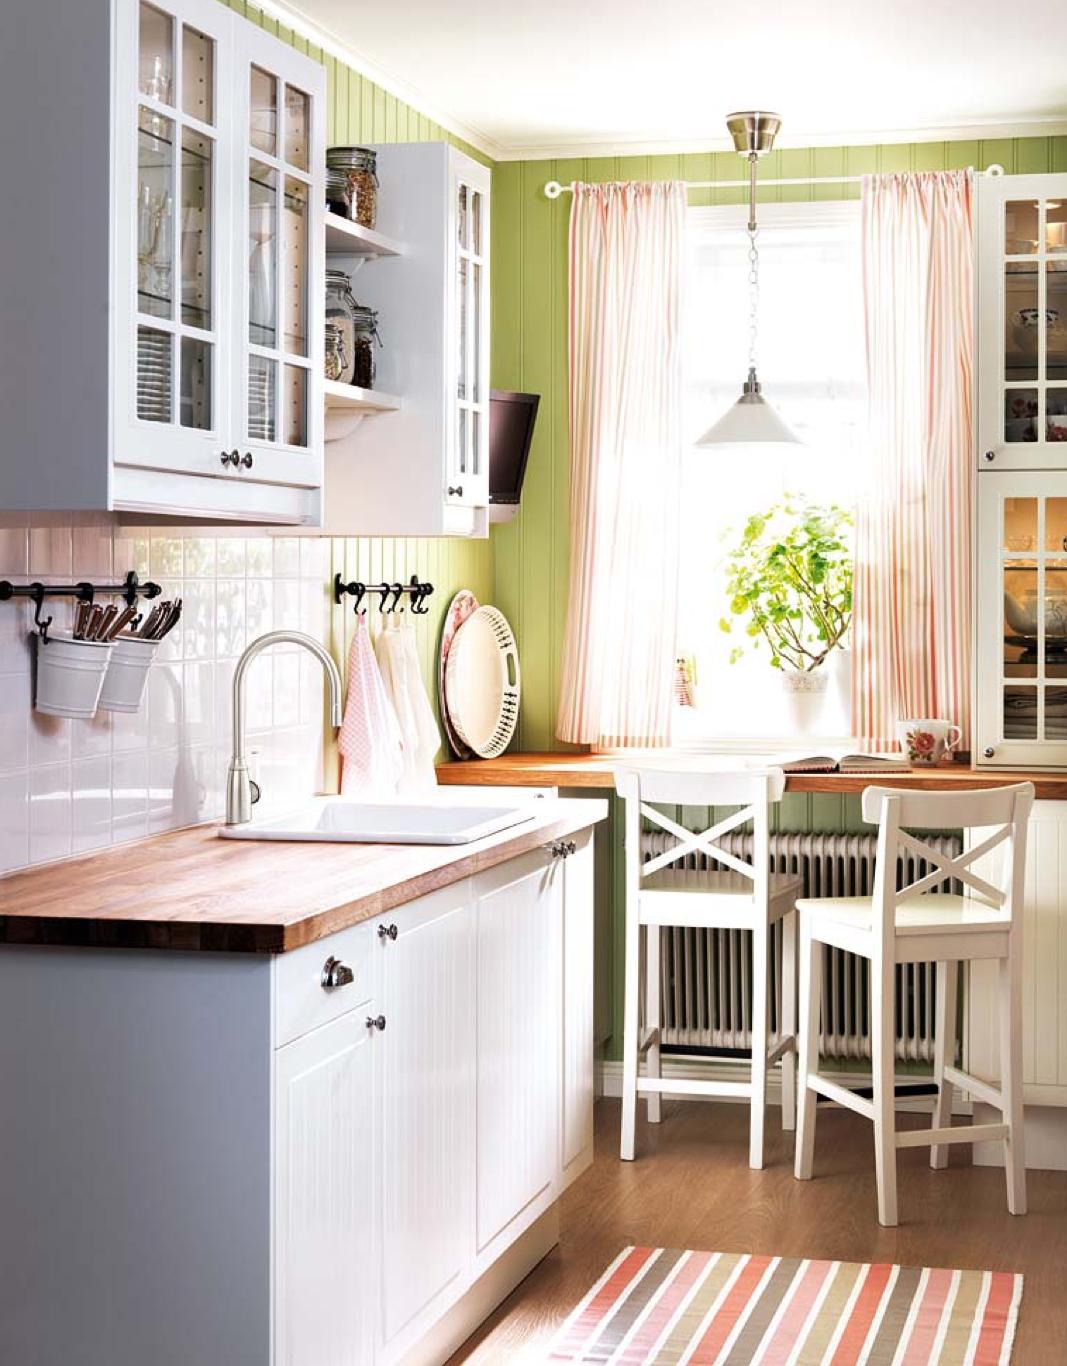 8 ideas para decorar una cocina con office - Decorar una cocina ...